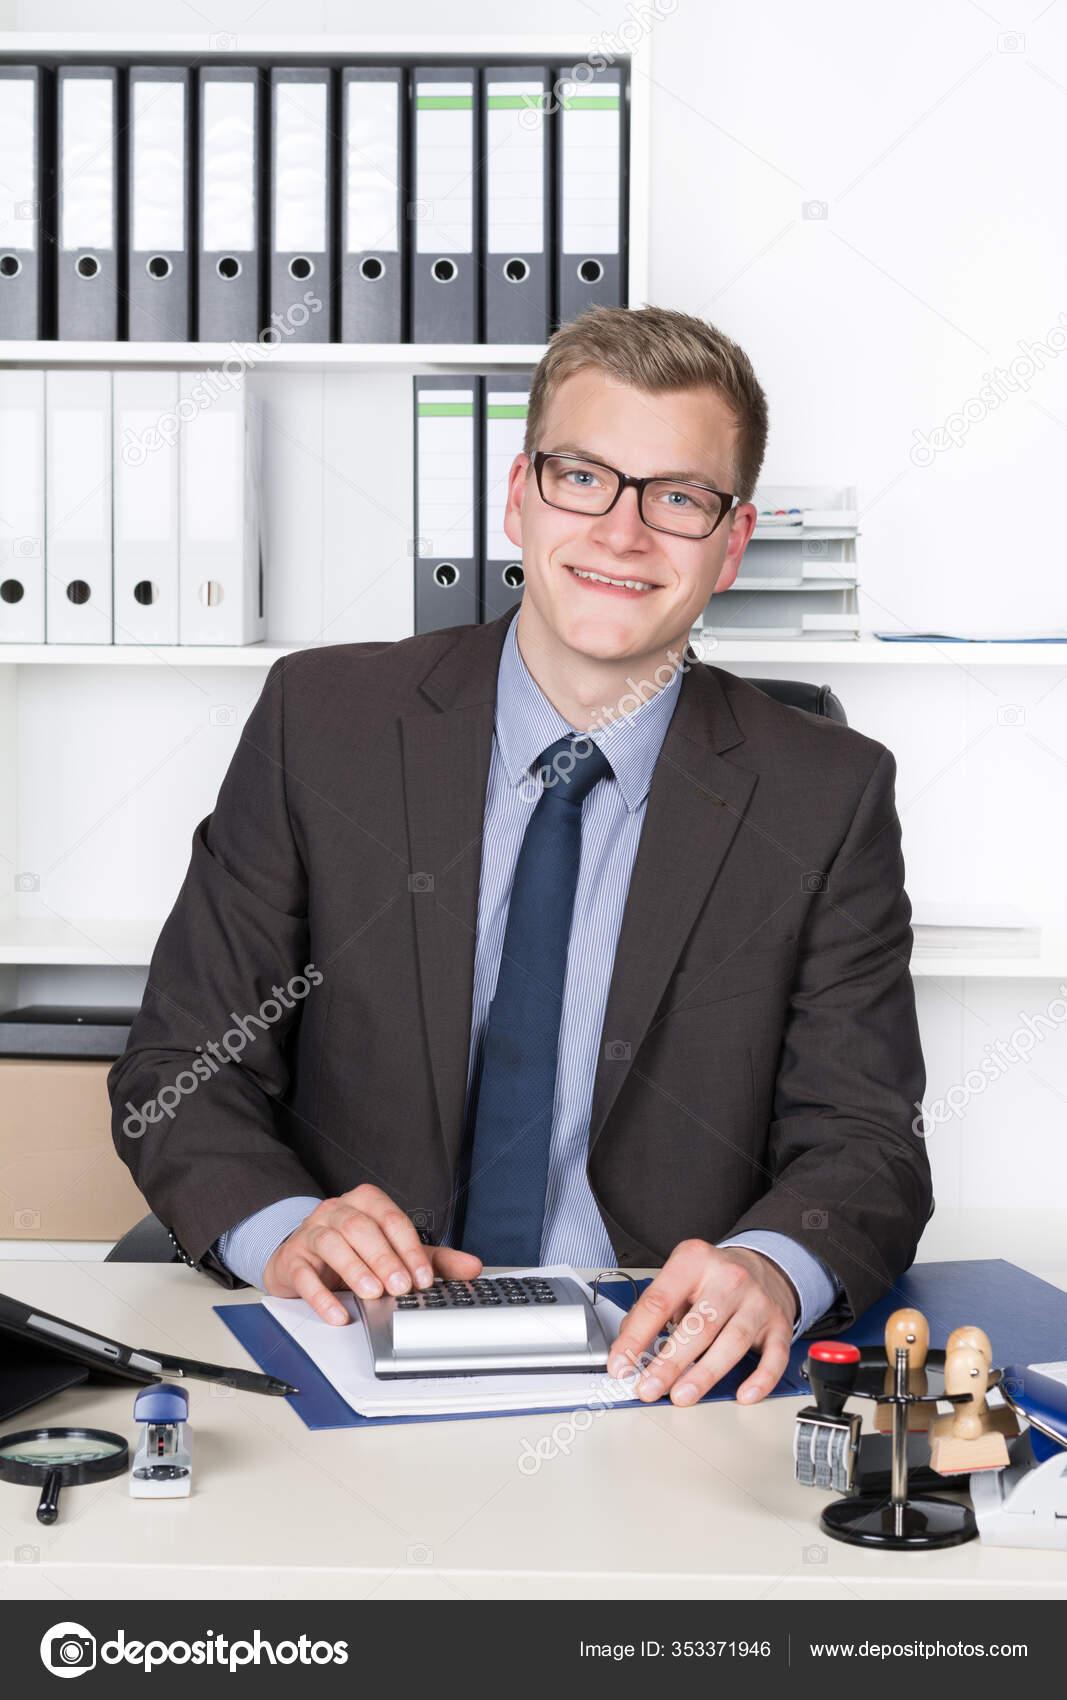 Jungunternehmer Mit Brille Sitzt Schreibtisch Buro Und Rechnet Mit Einem Stockfoto C Panthermediaseller 353371946